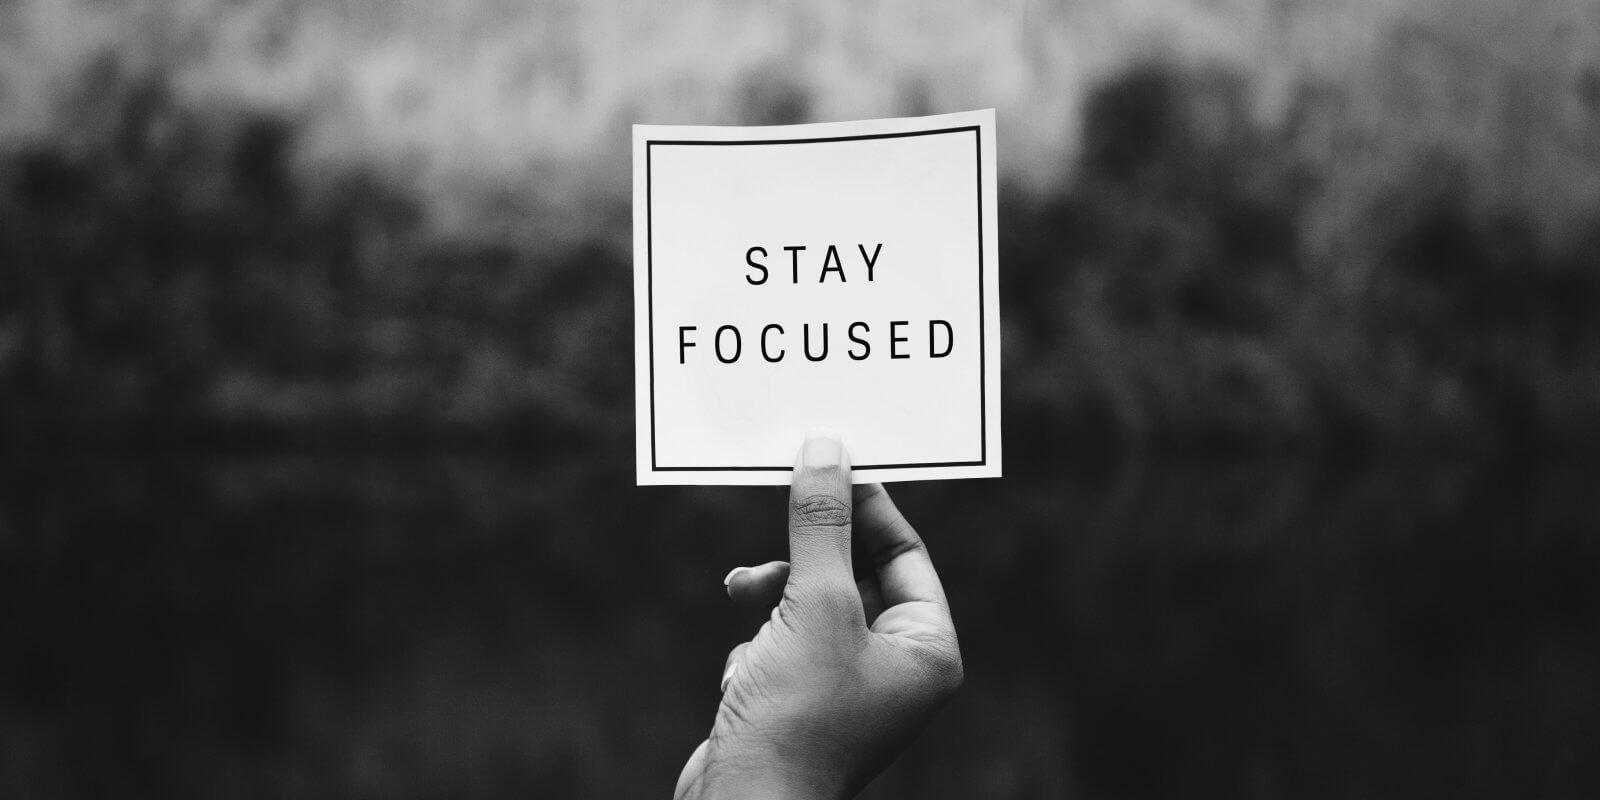 Ръка държи бележка с надпис Stay Focused